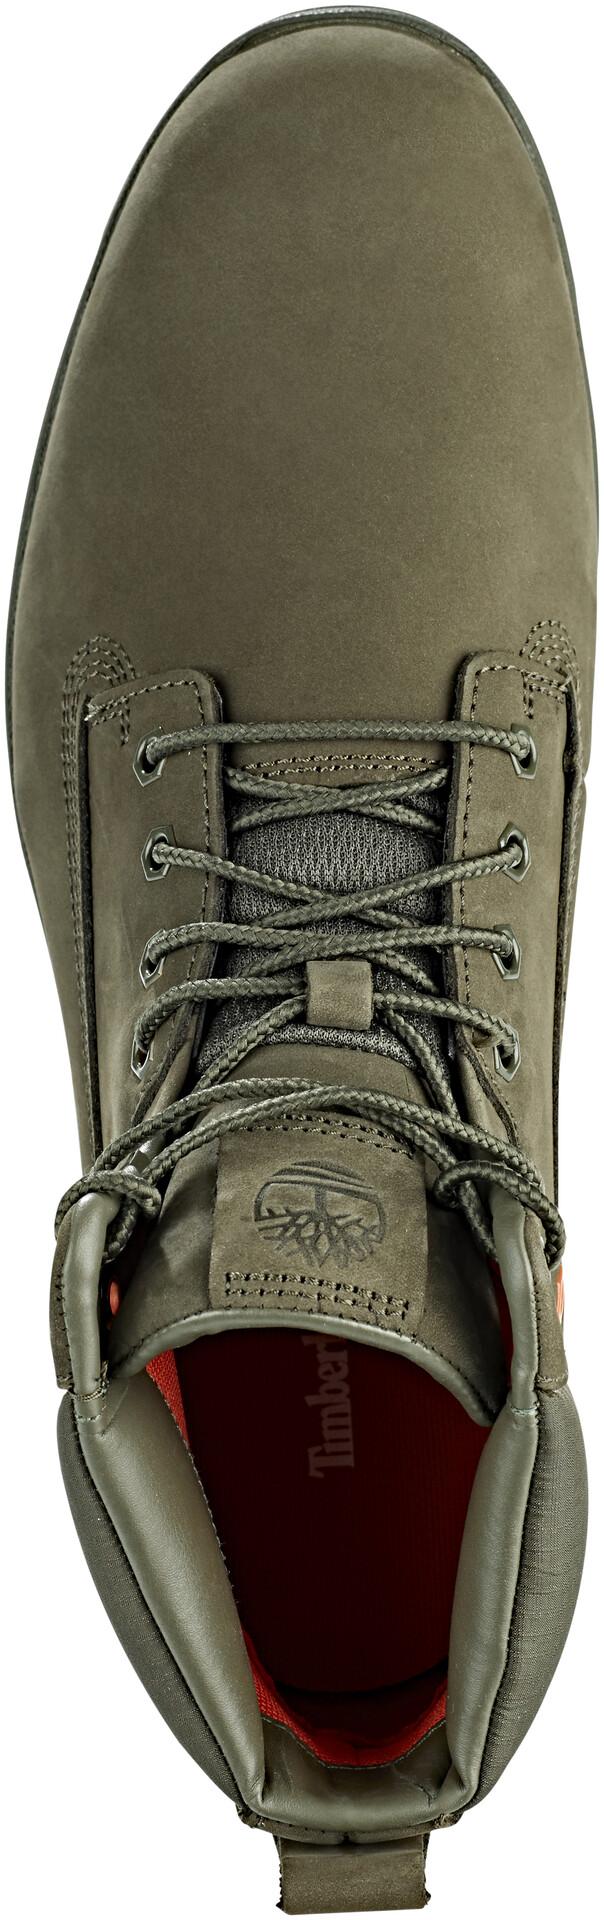 Timberland Chaussures Sur Killington Homme Campz Marron 1Wr1qT